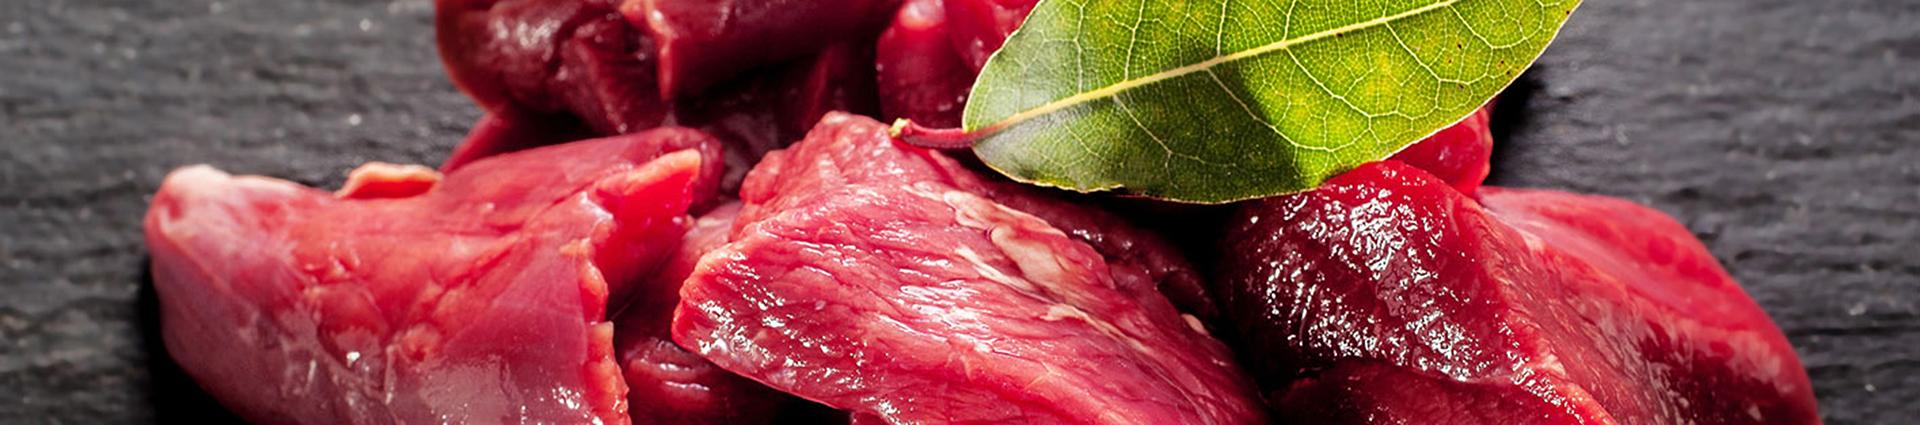 Vlees/Vleeswaren